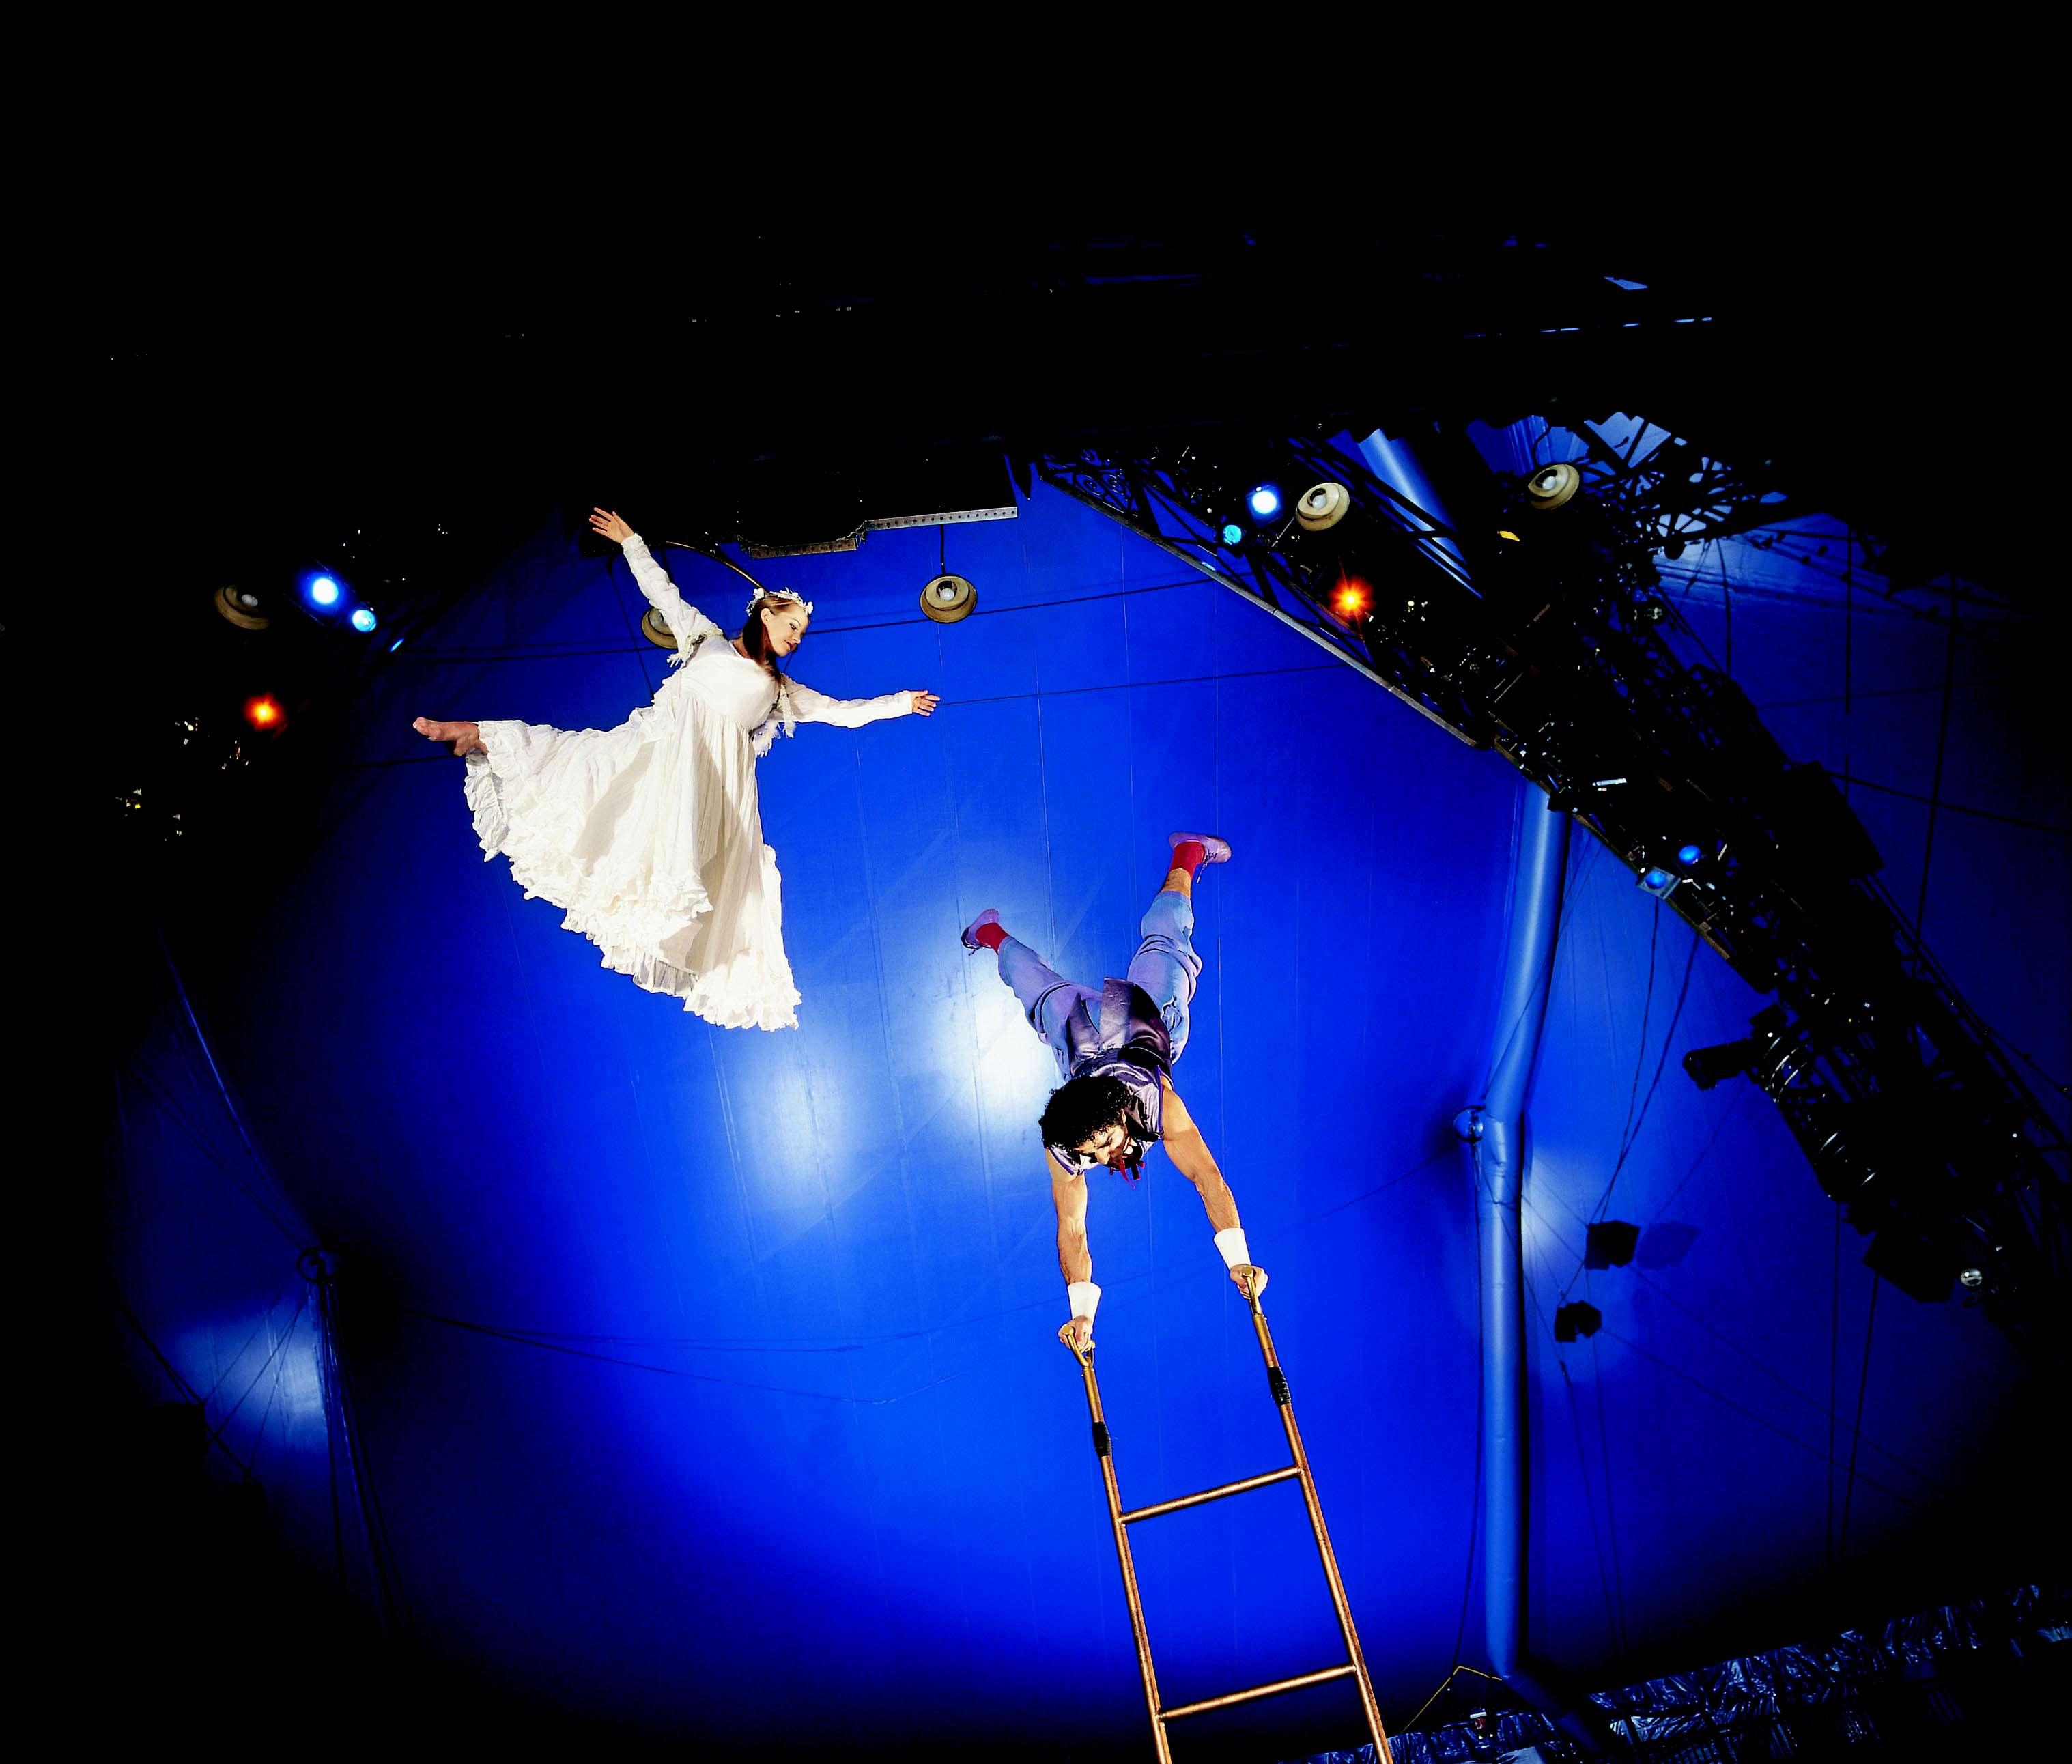 Así se ve Corteo, la obra del Circo del Sol que llegará a Bogotá. Foto: Archivo particular